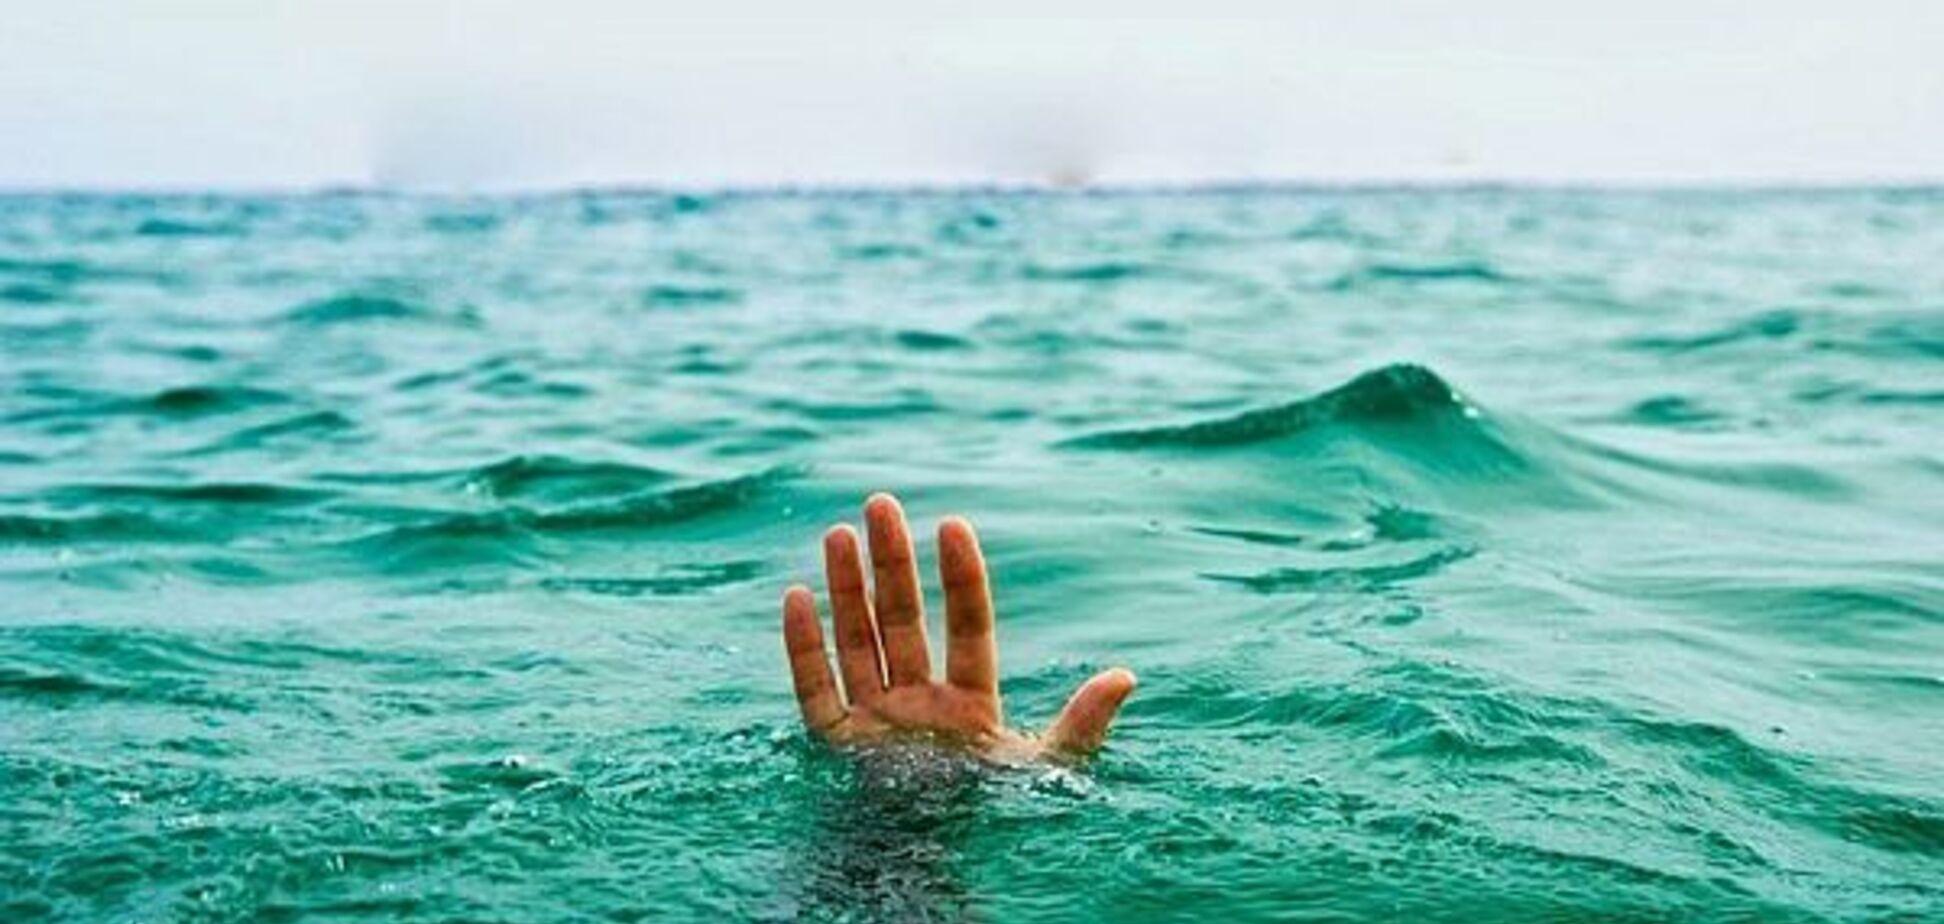 Прыгал с 'тарзанки': в Киеве в озере погиб мужчина